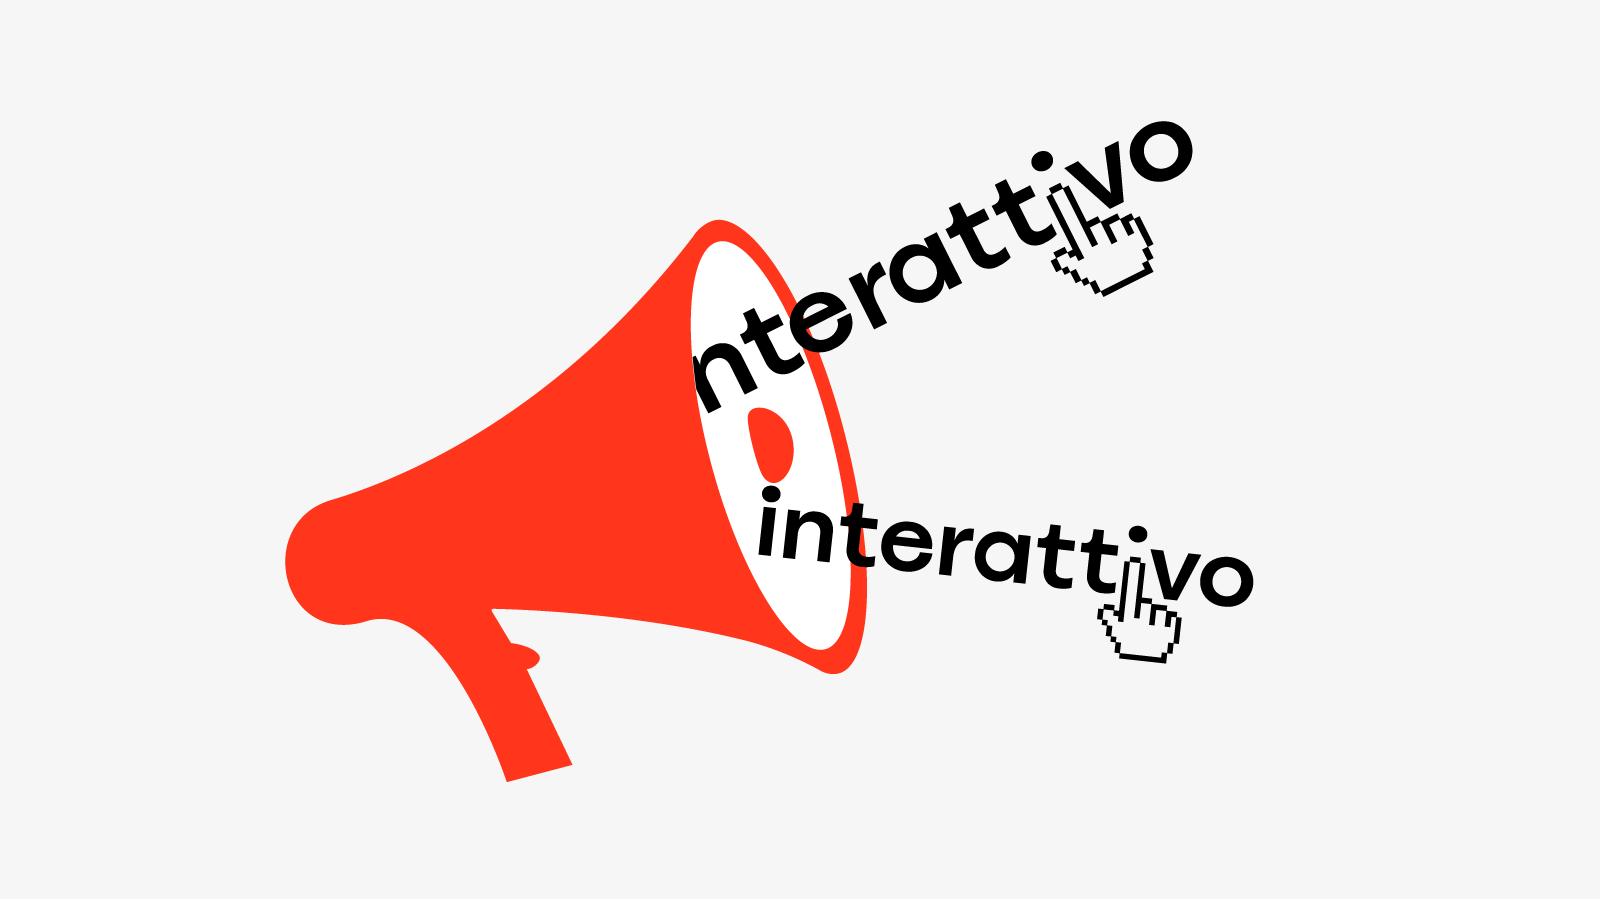 La piattaforma omnicanale per il settore retail e commercio all'ingrosso: scopri Interattivo.